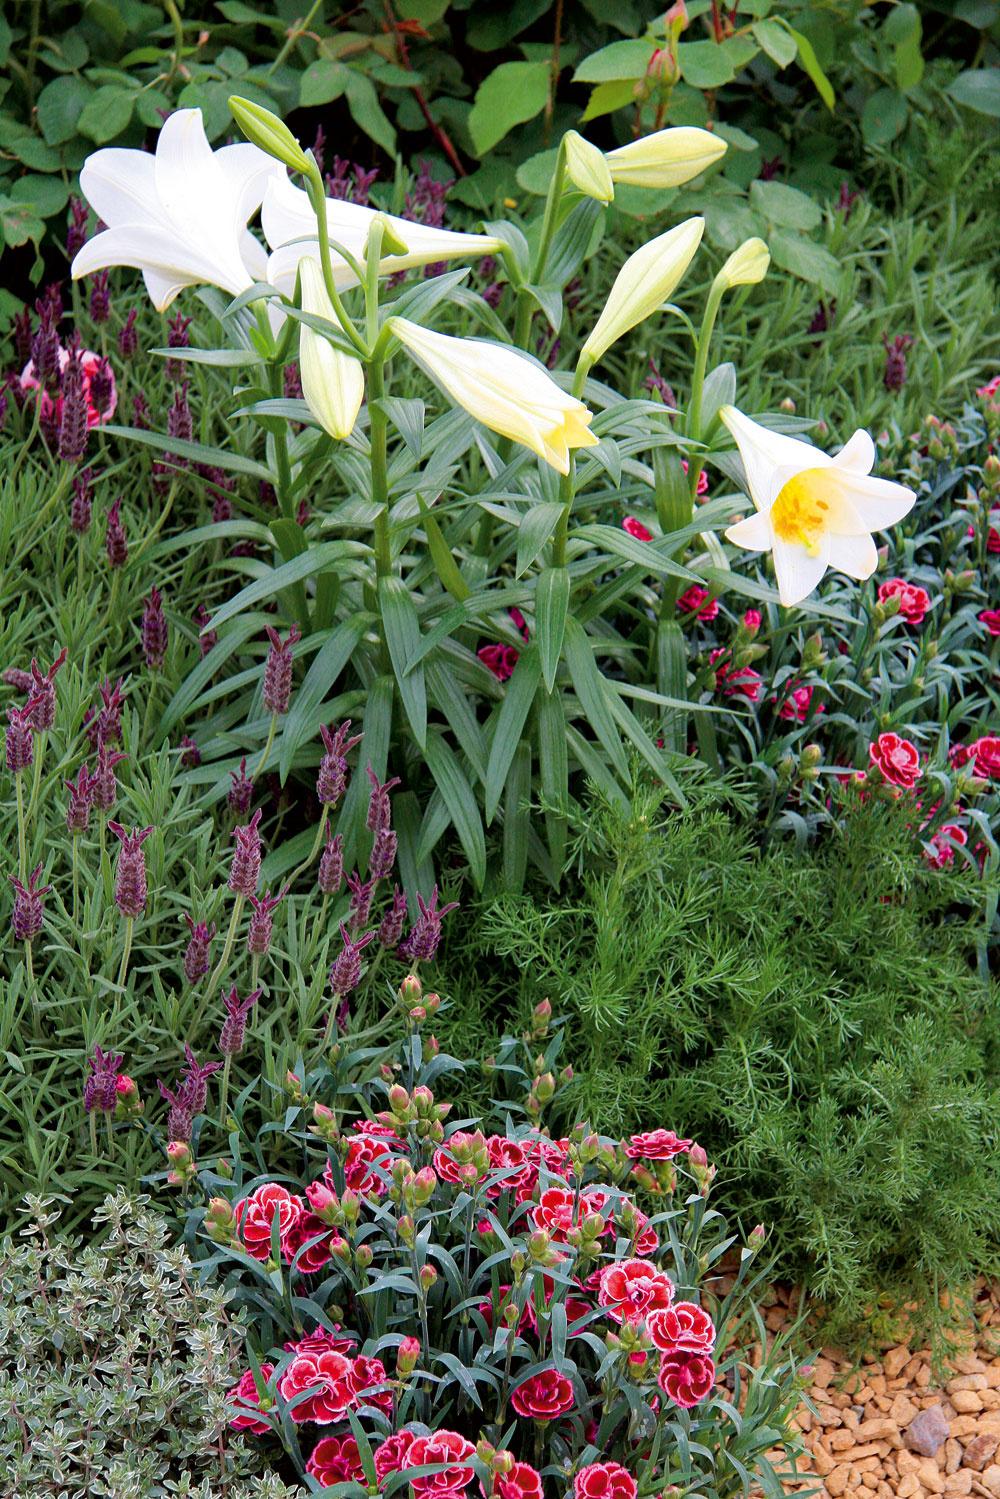 Ideálnymi spoločníkmi vo voňavých kvetinových záhonoch sú ľalie aklinčeky. Vyžadujú slnečné miesto apriepustnú pôdu.